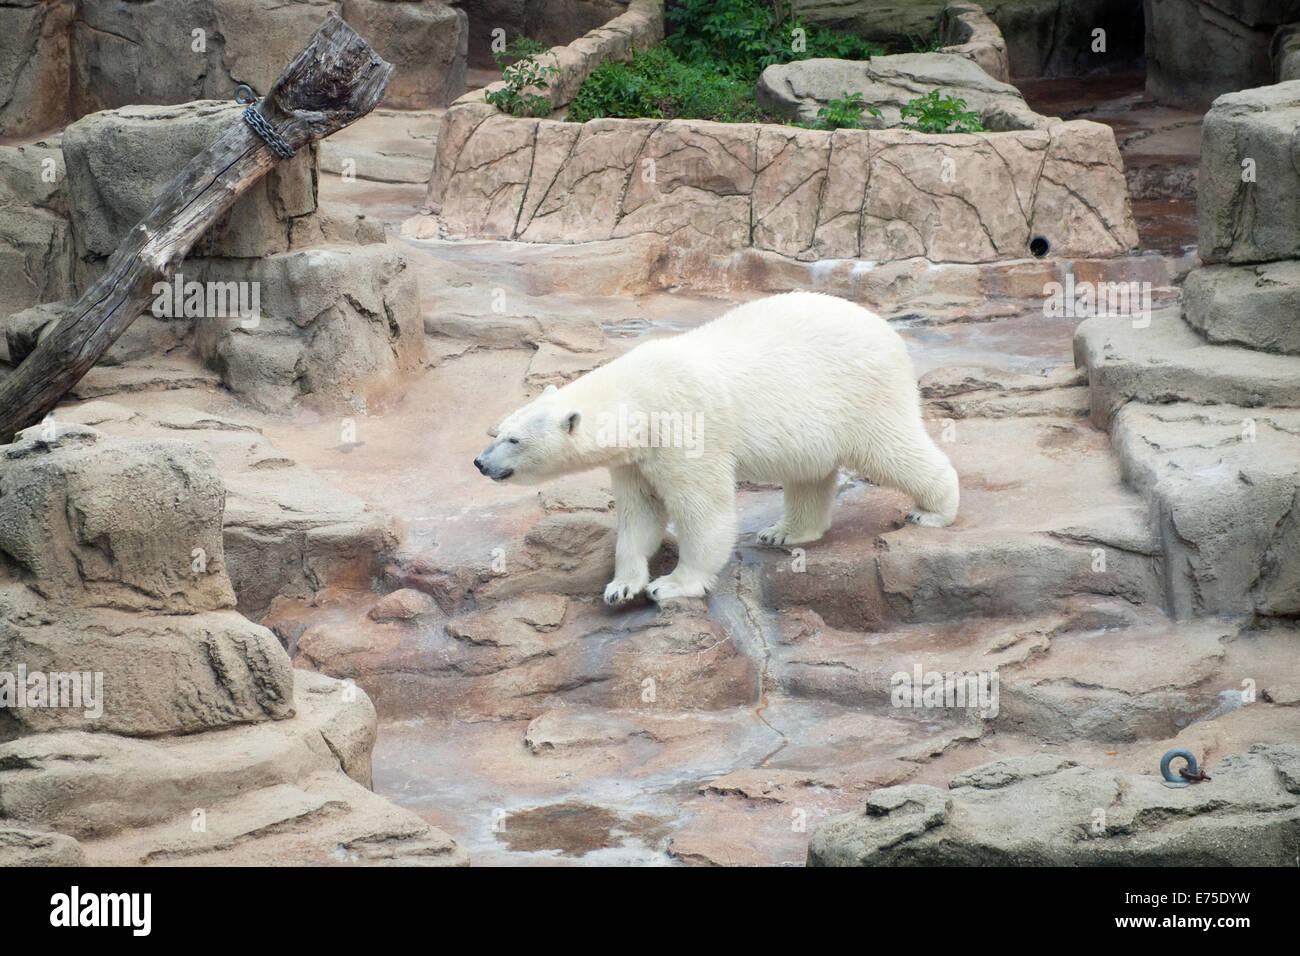 Una vista di Anana, il resident femmina orso polare del Lincoln Park Zoo di Chicago, Illinois. Immagini Stock